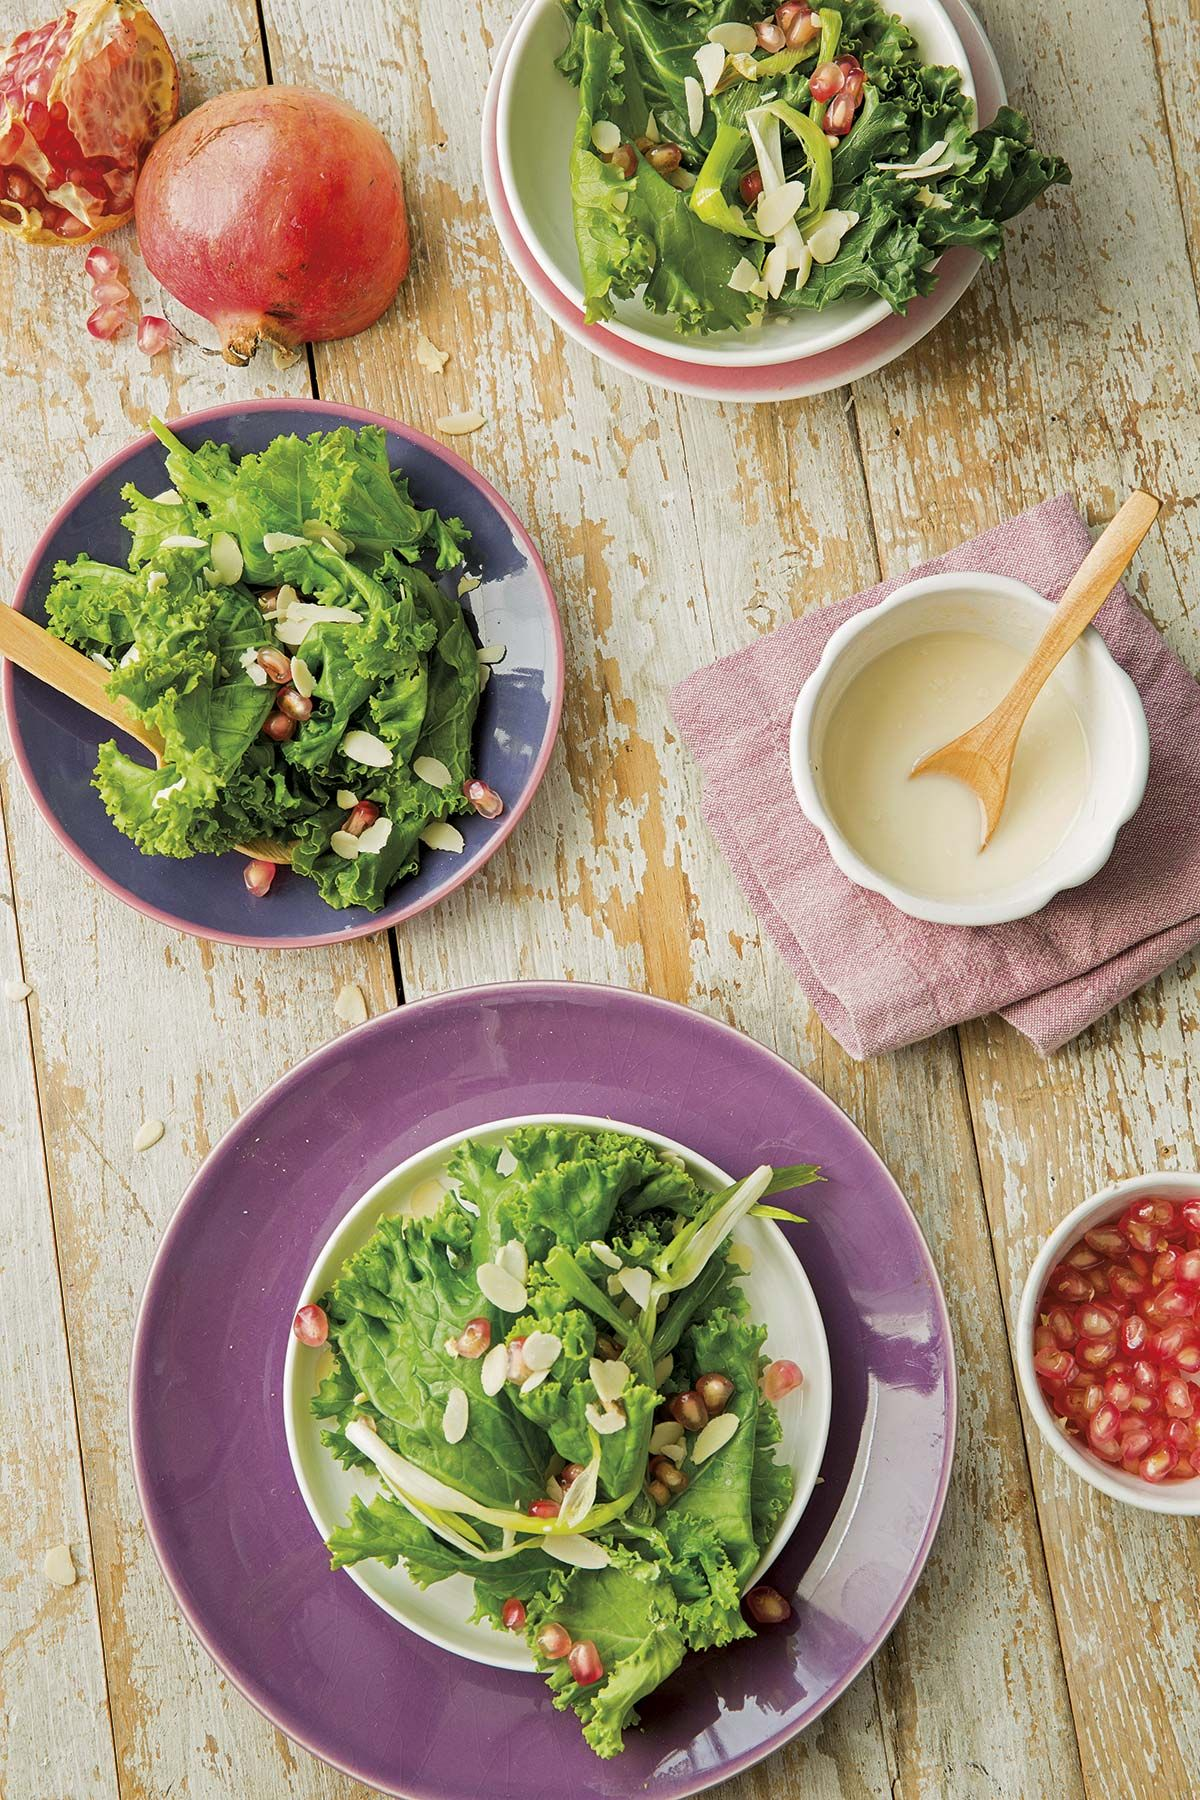 Kale con ajos tiernos y granada